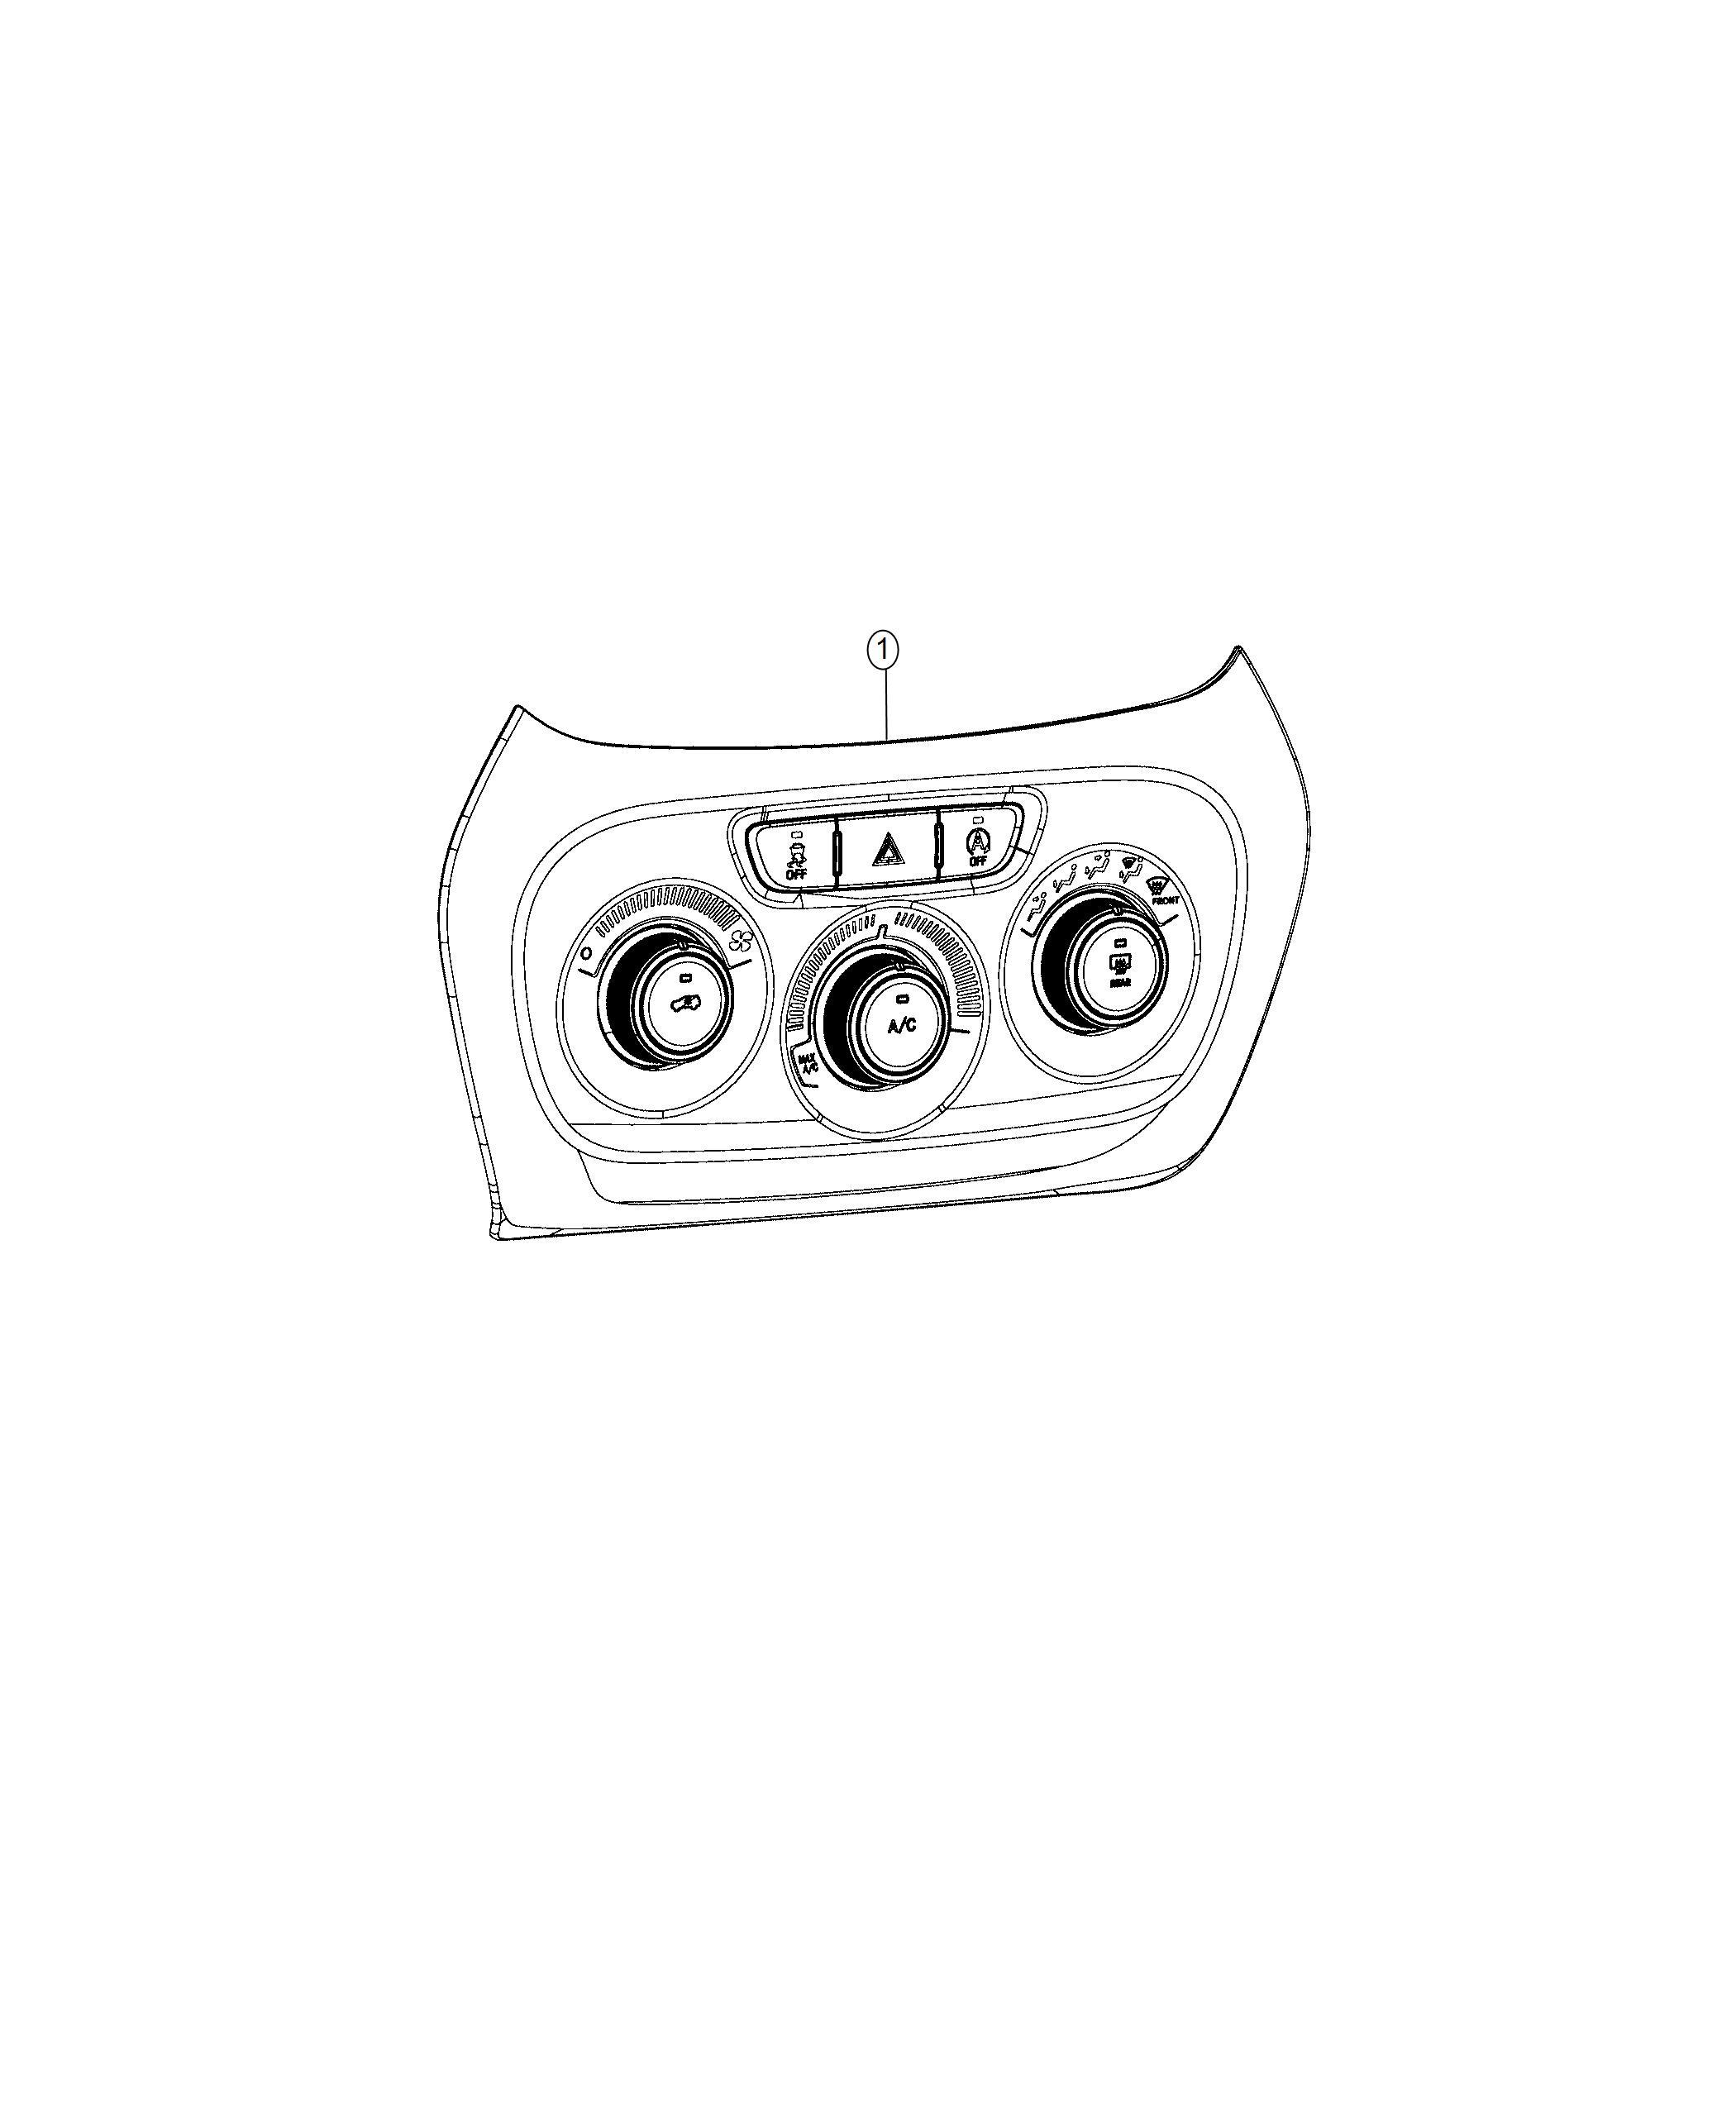 tags: #jeep cj7 engine#jeep cj7 fenders#jeep cj7 doors#jeep cj7 seats#jeep  cj7 interior#jeep cj7 wheels#jeep cj7 fuel gauge wiring#jeep cj7 gauge